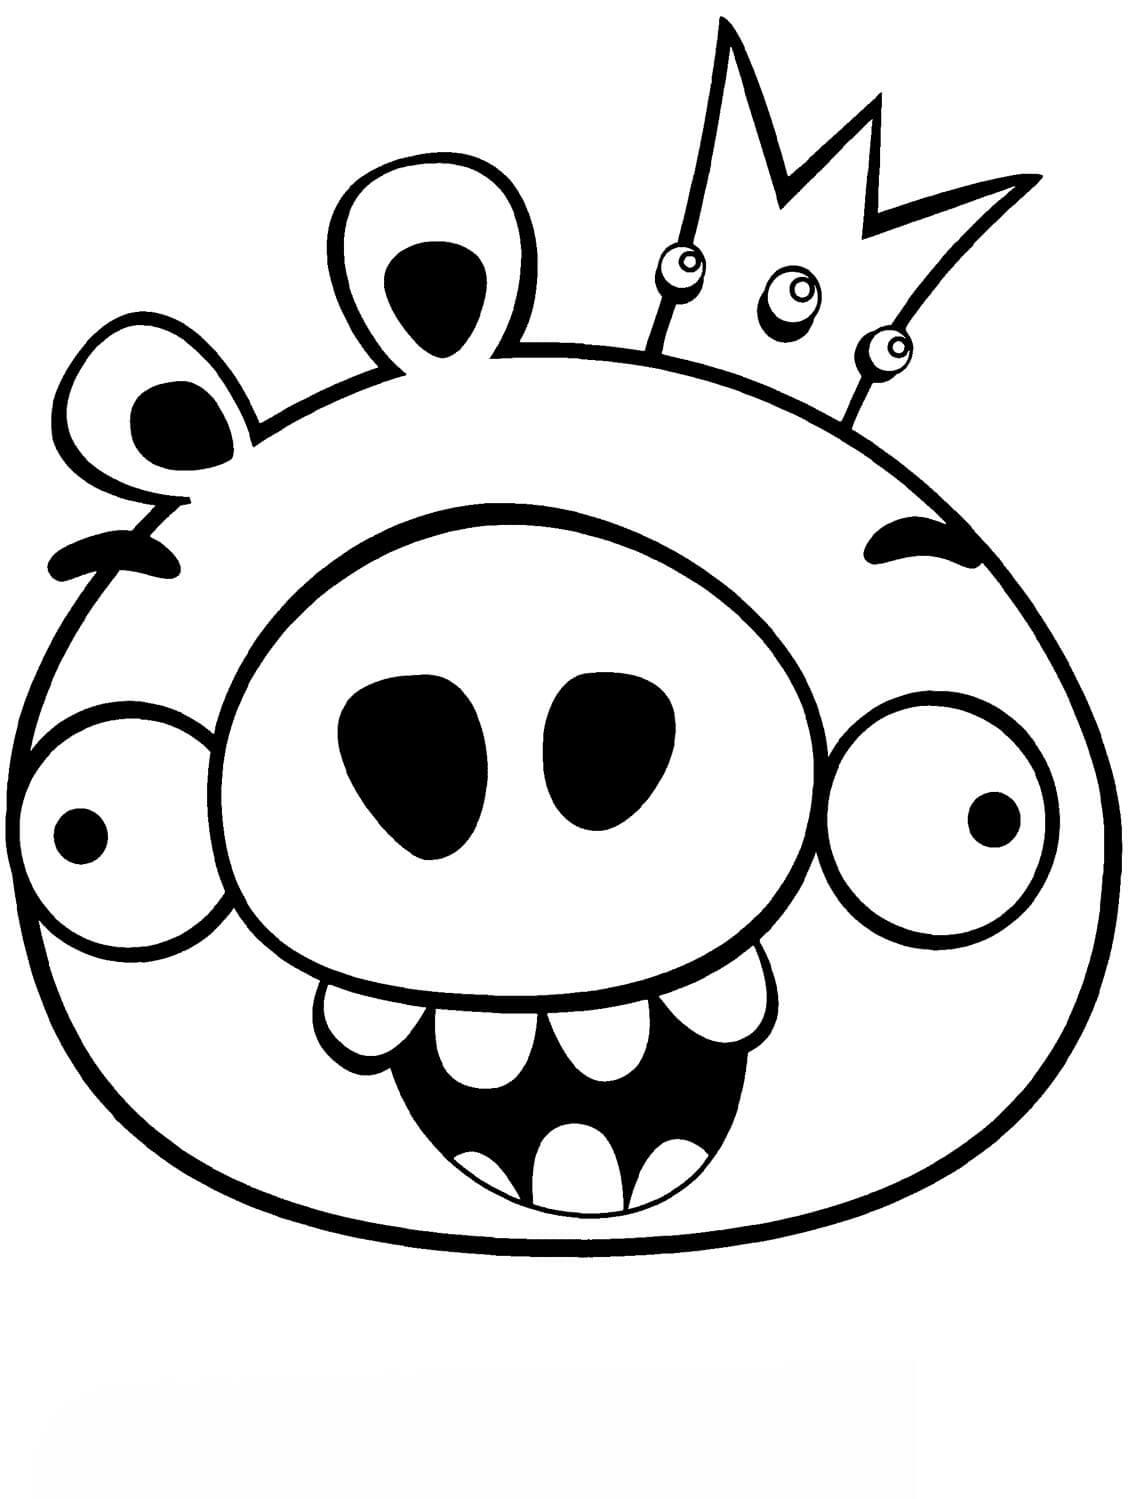 Раскраска король свинья